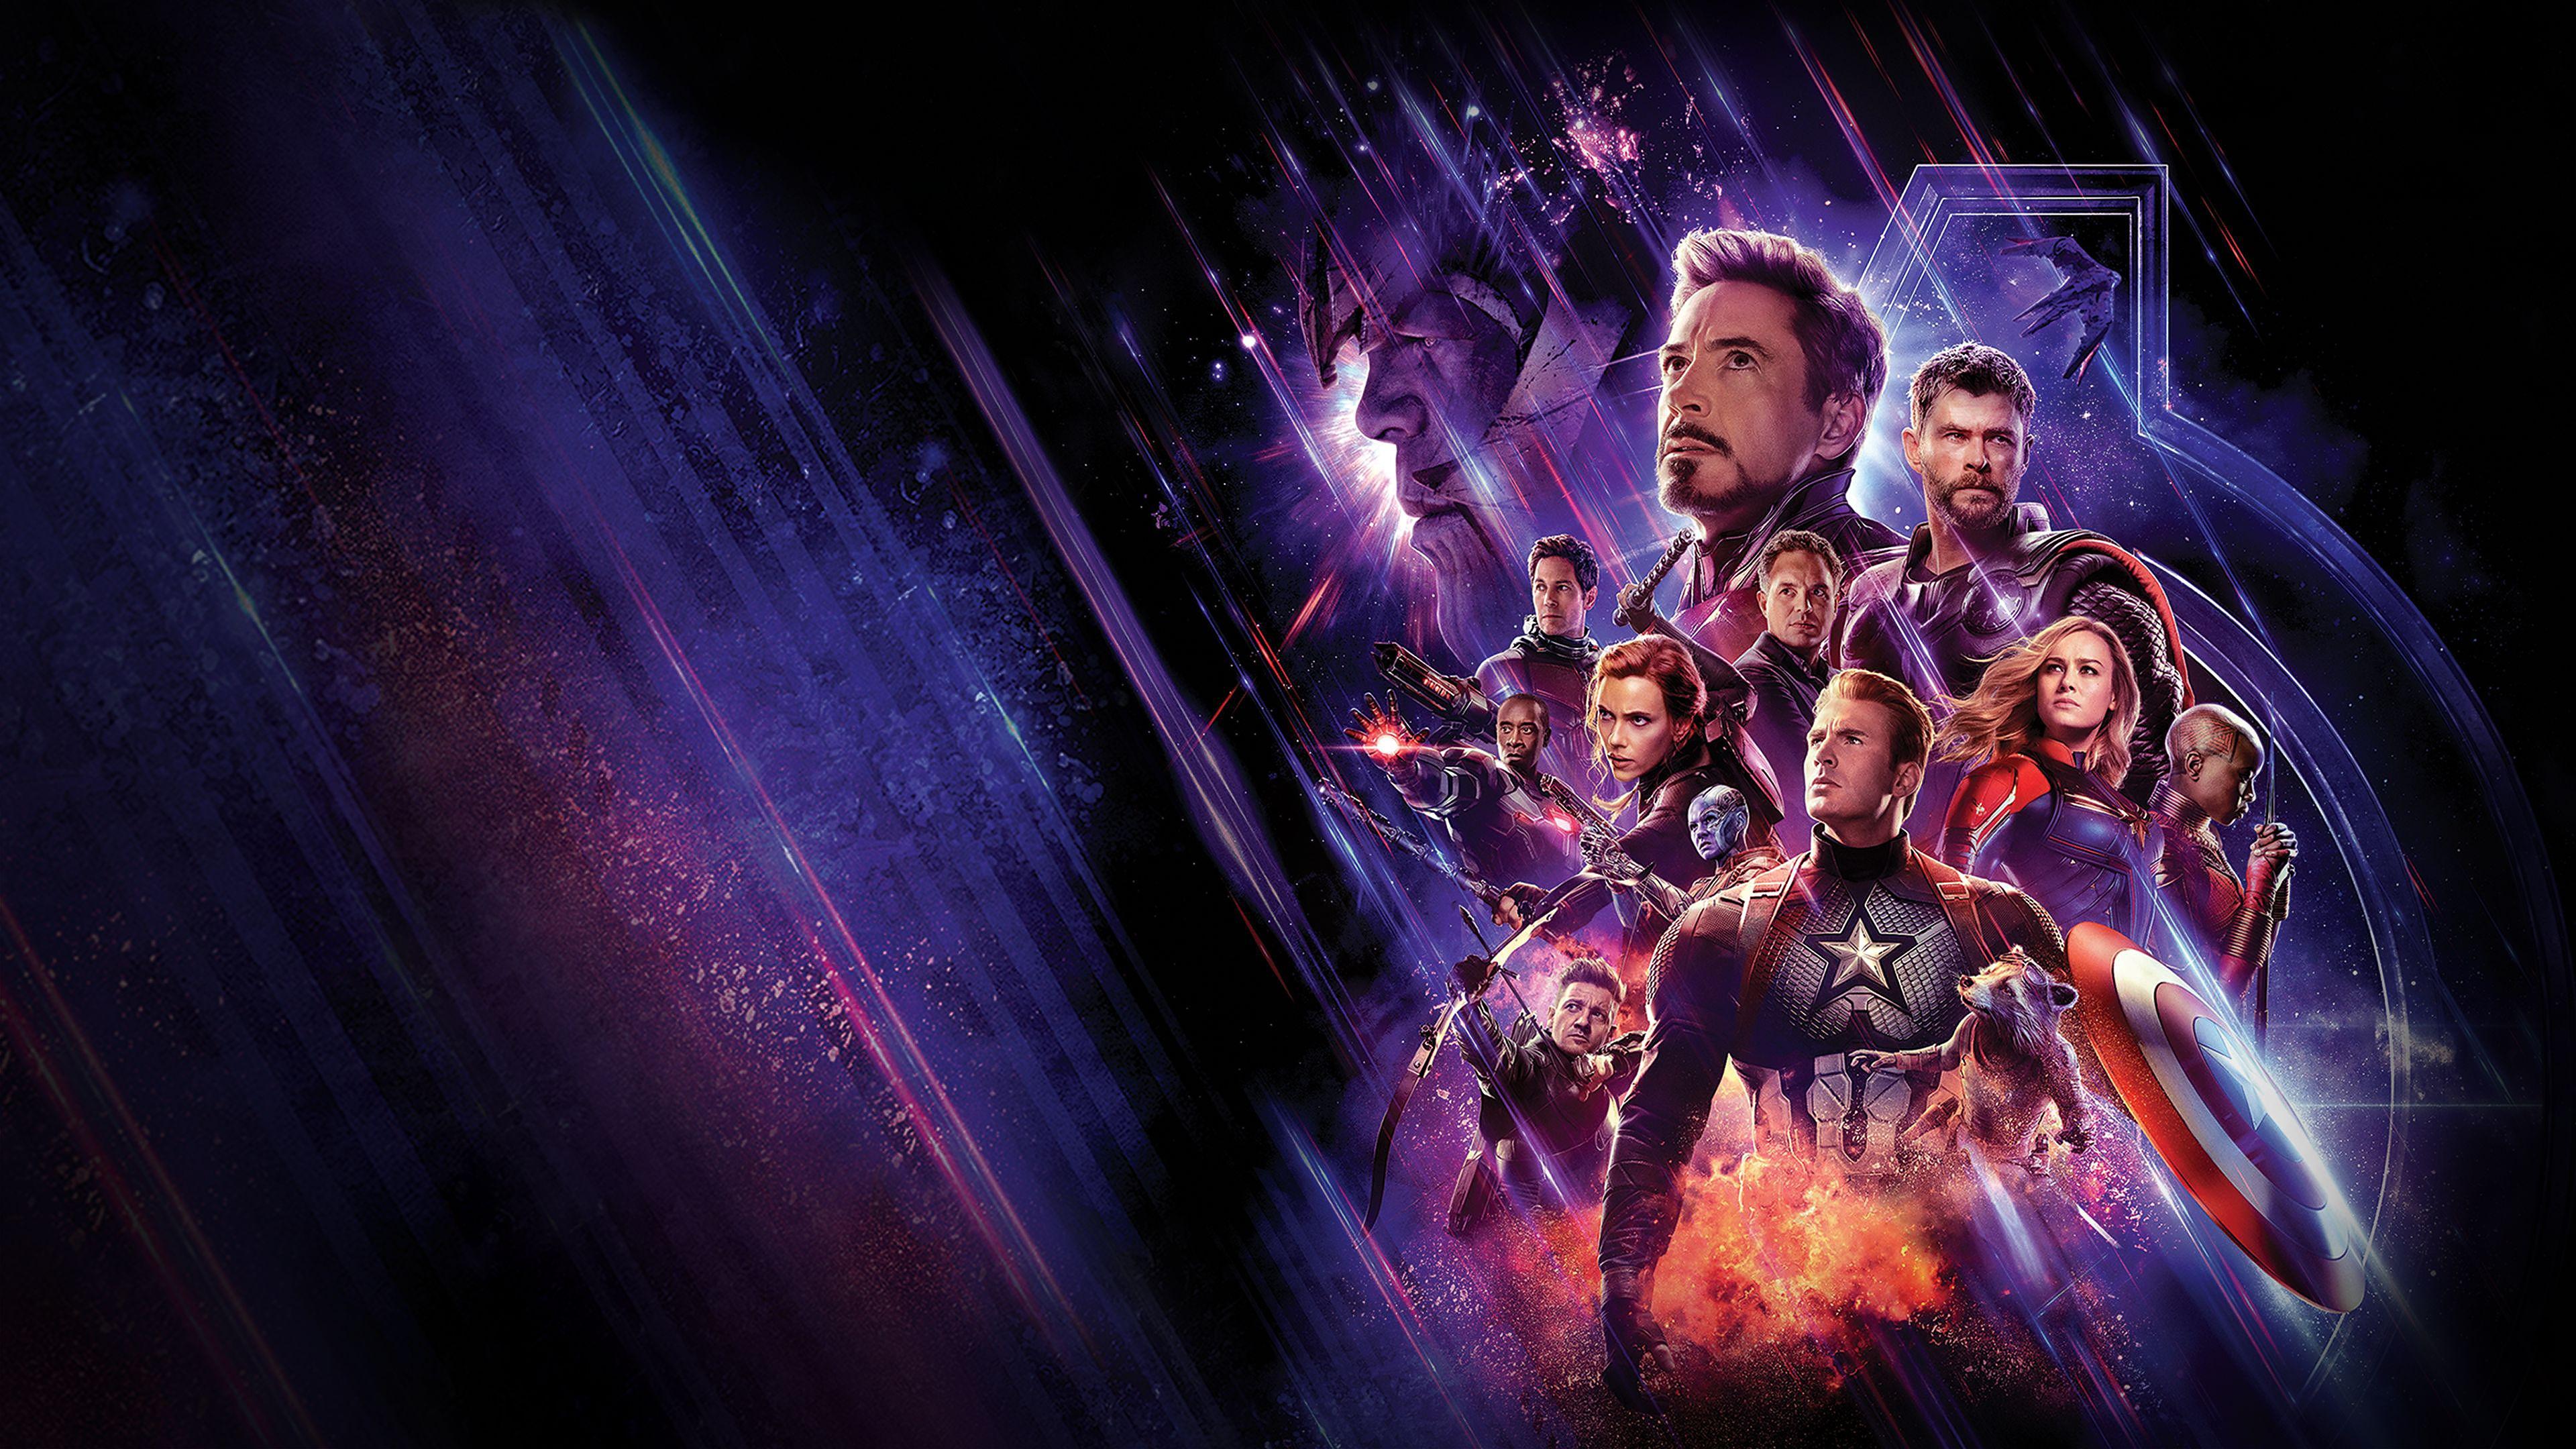 Avengers End Game Avengers End Game 4k Wallpapers In 2020 Avengers Captain America Wallpaper Nebula Marvel